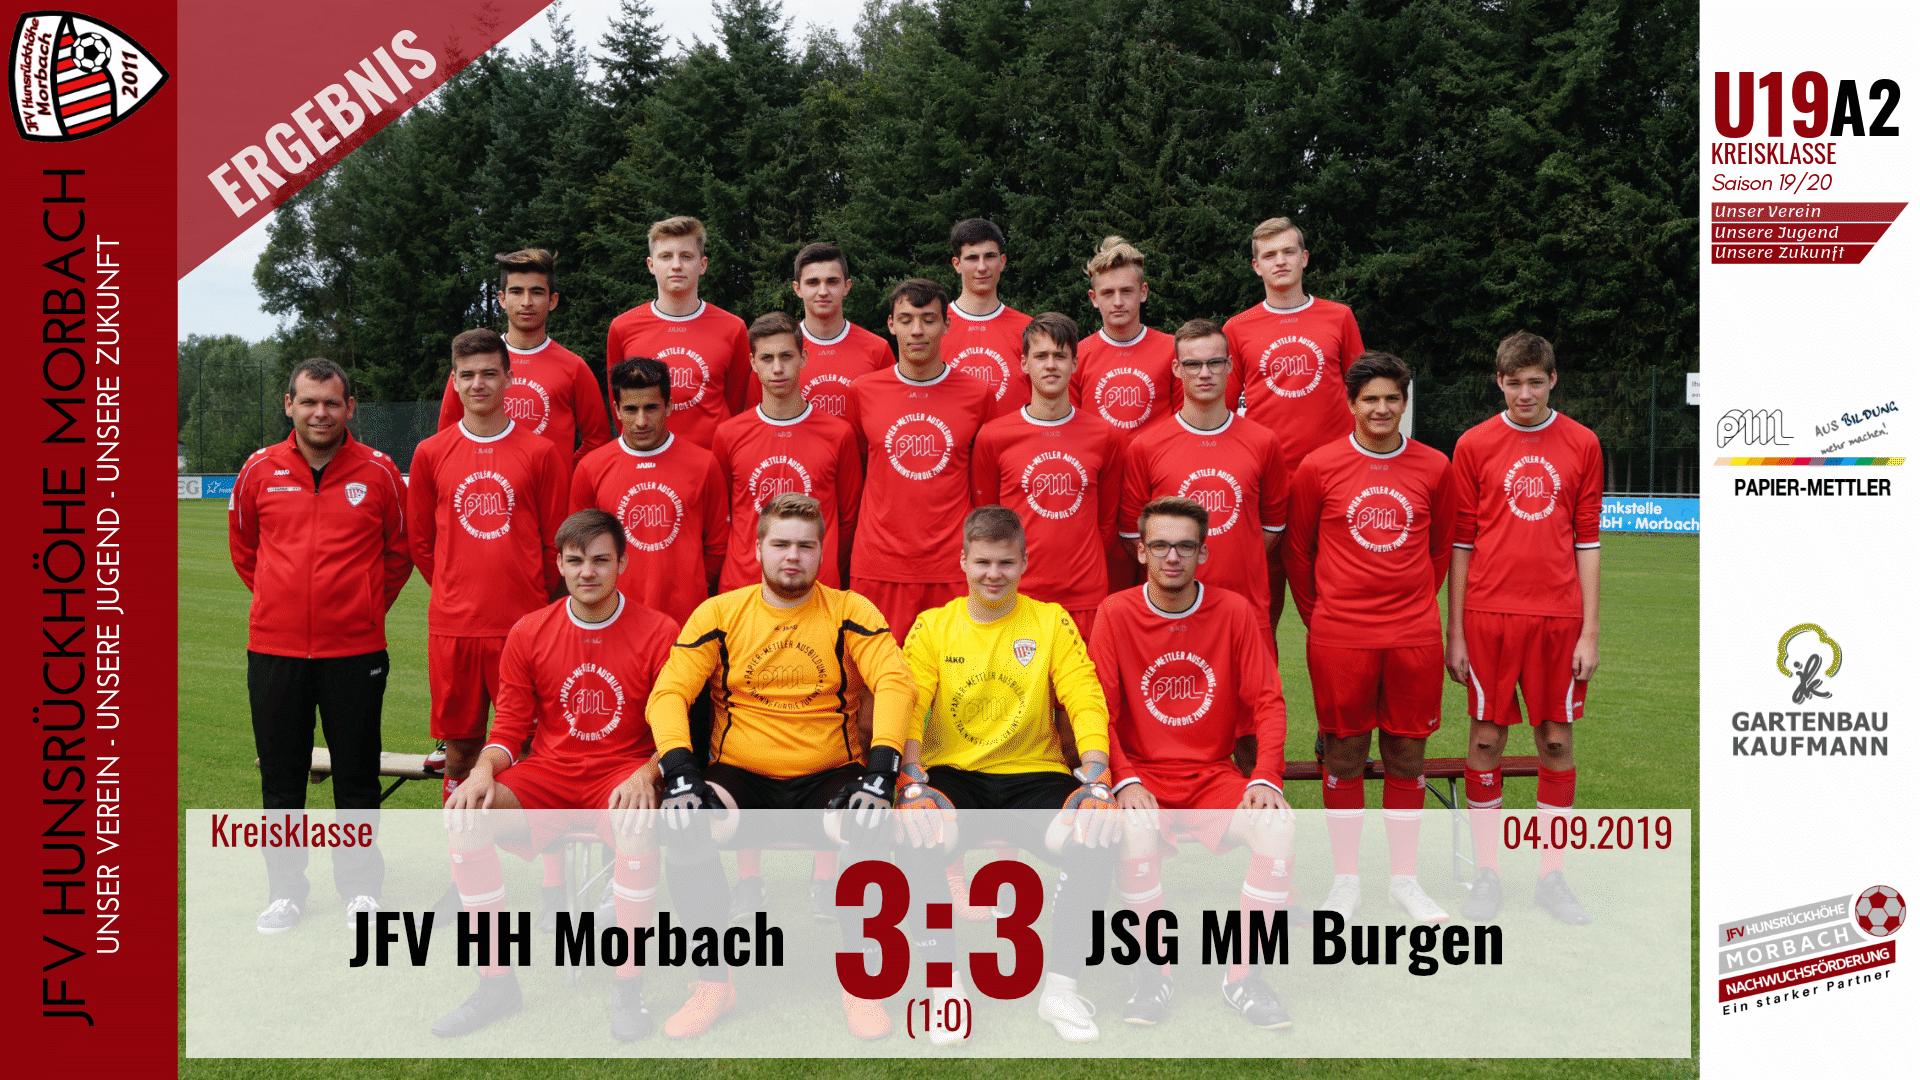 U19 A2: JFV Hunsrückhöhe Morbach – JSG Mittelmosel Burgen 3-3 (1-0)